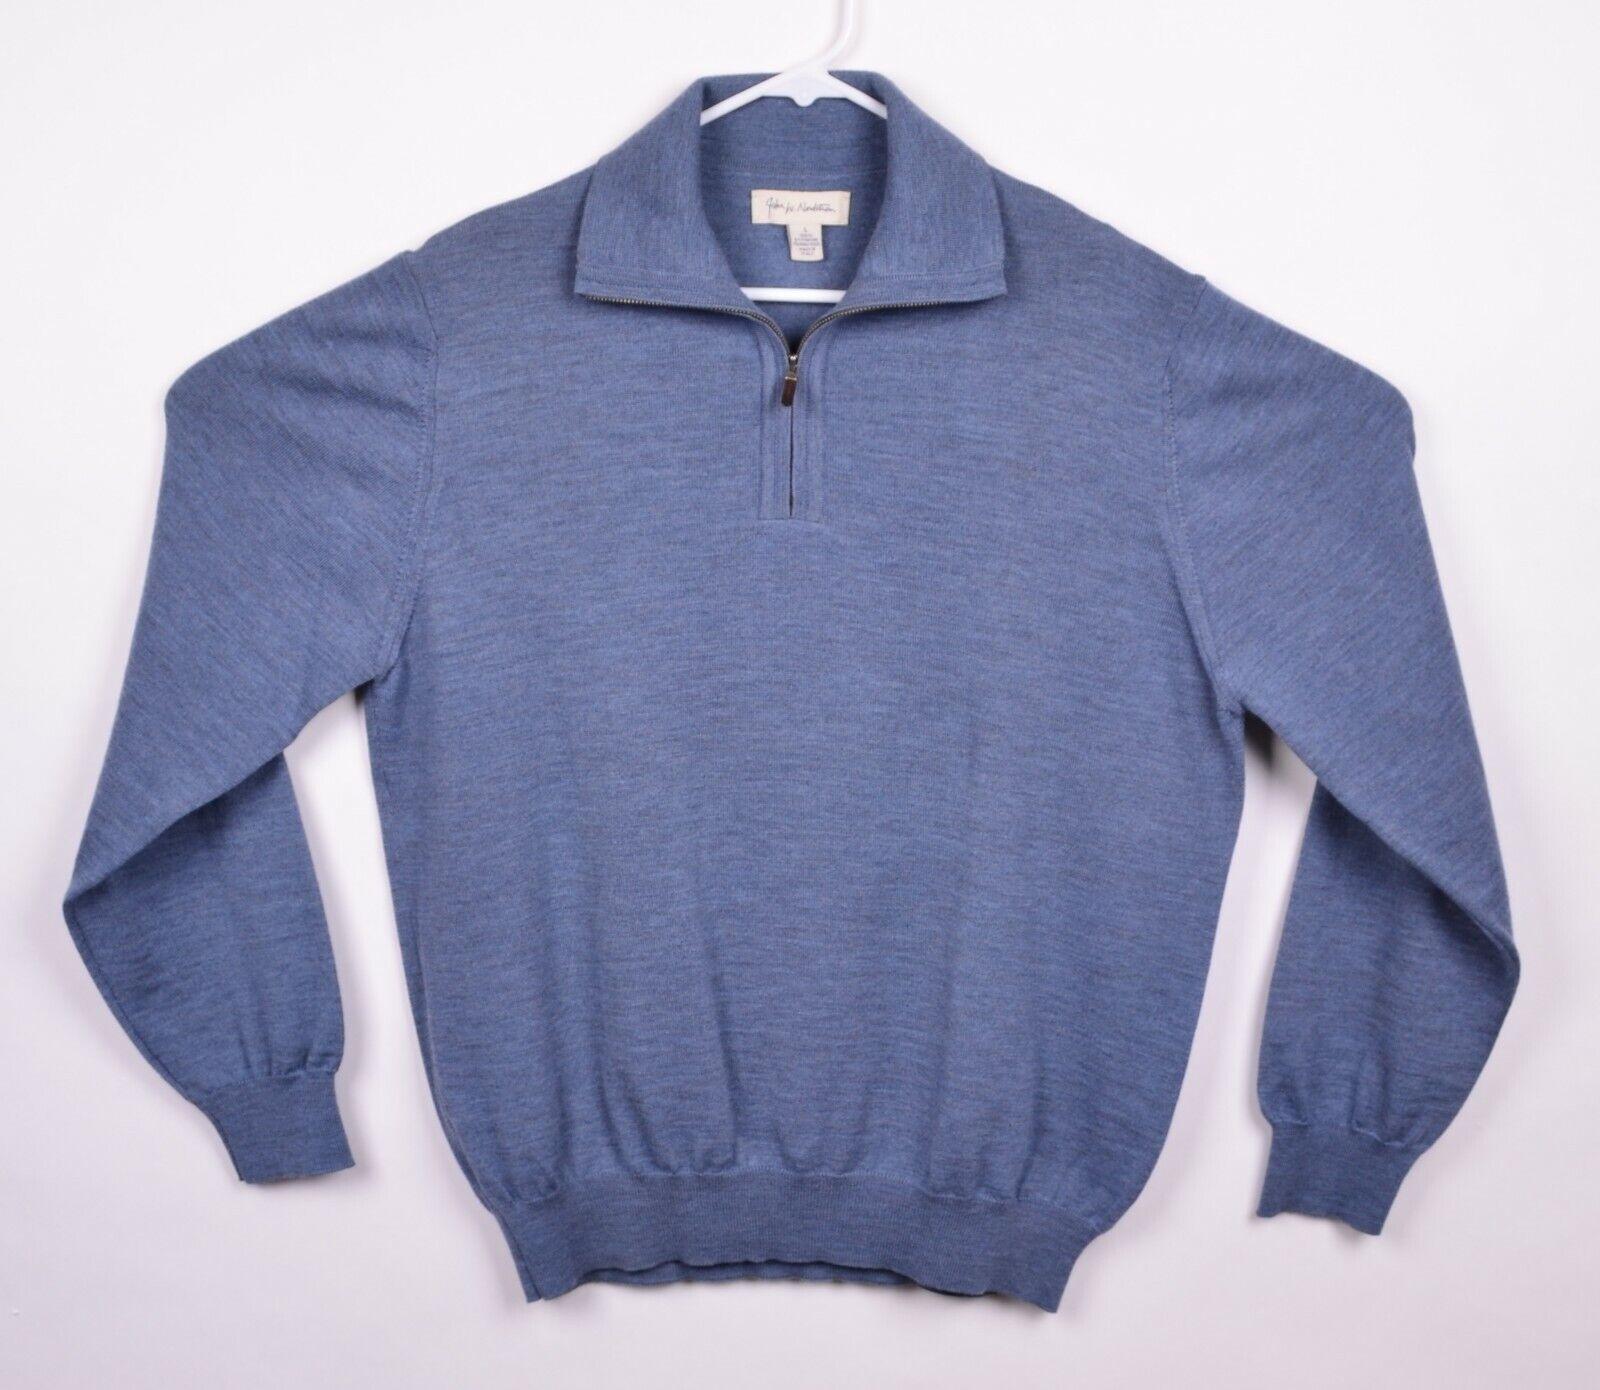 John W. Nordstrom Men's Sz Large 100% Merino Wool 1 4 Zip bluee Italian Sweater